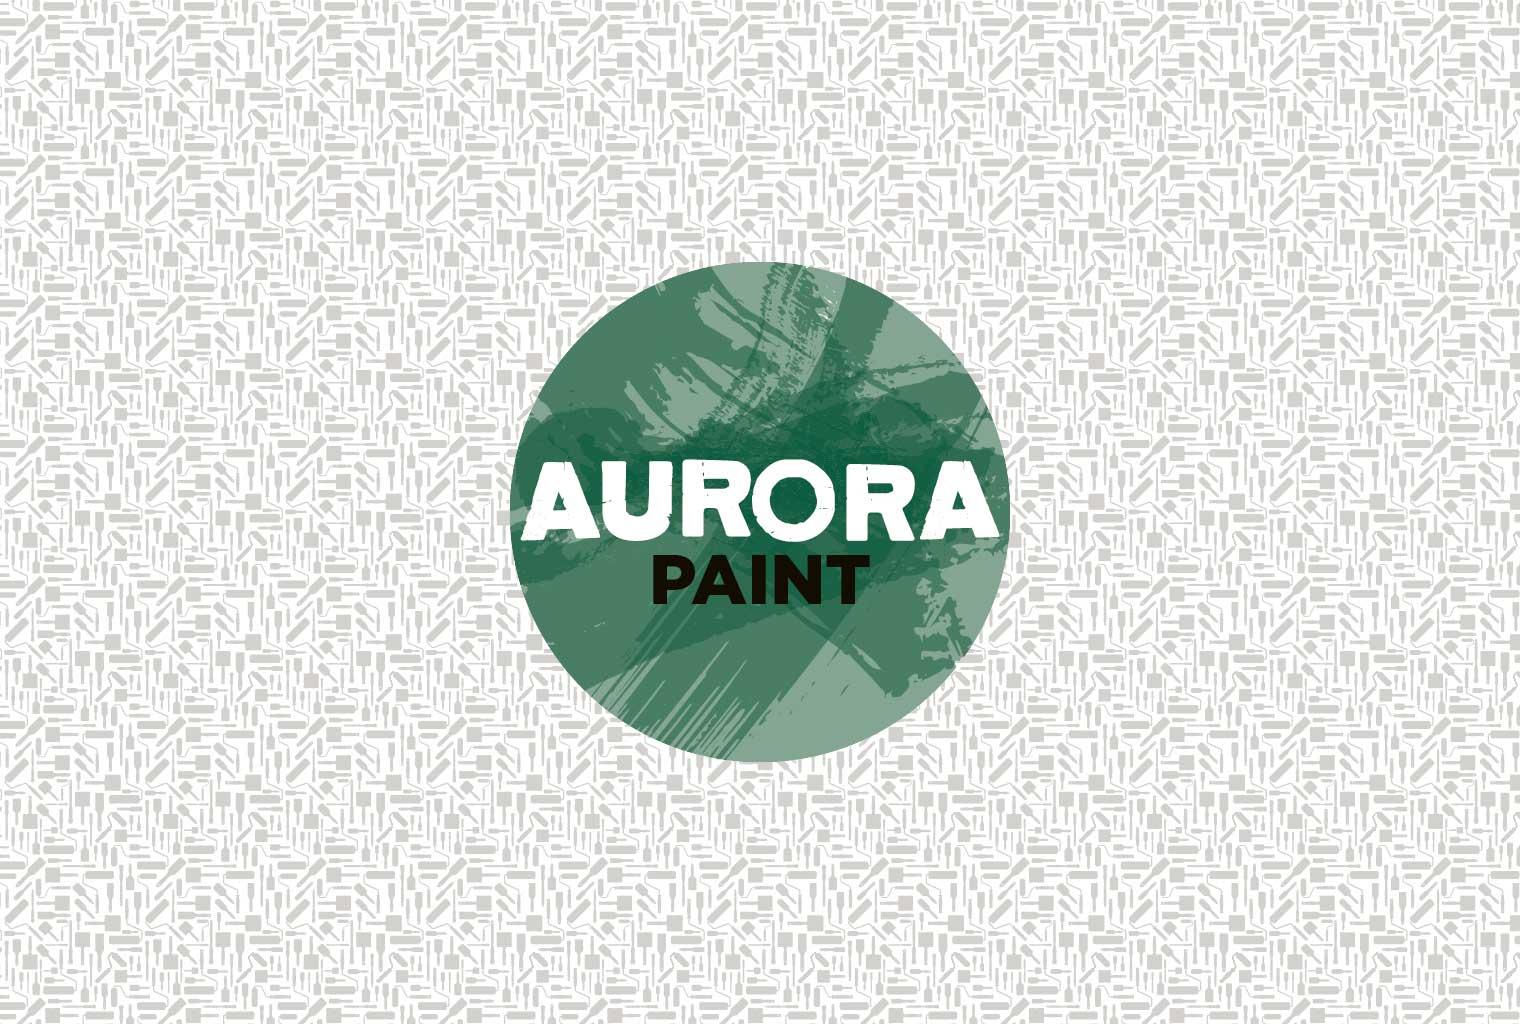 Aurora_Paint_01